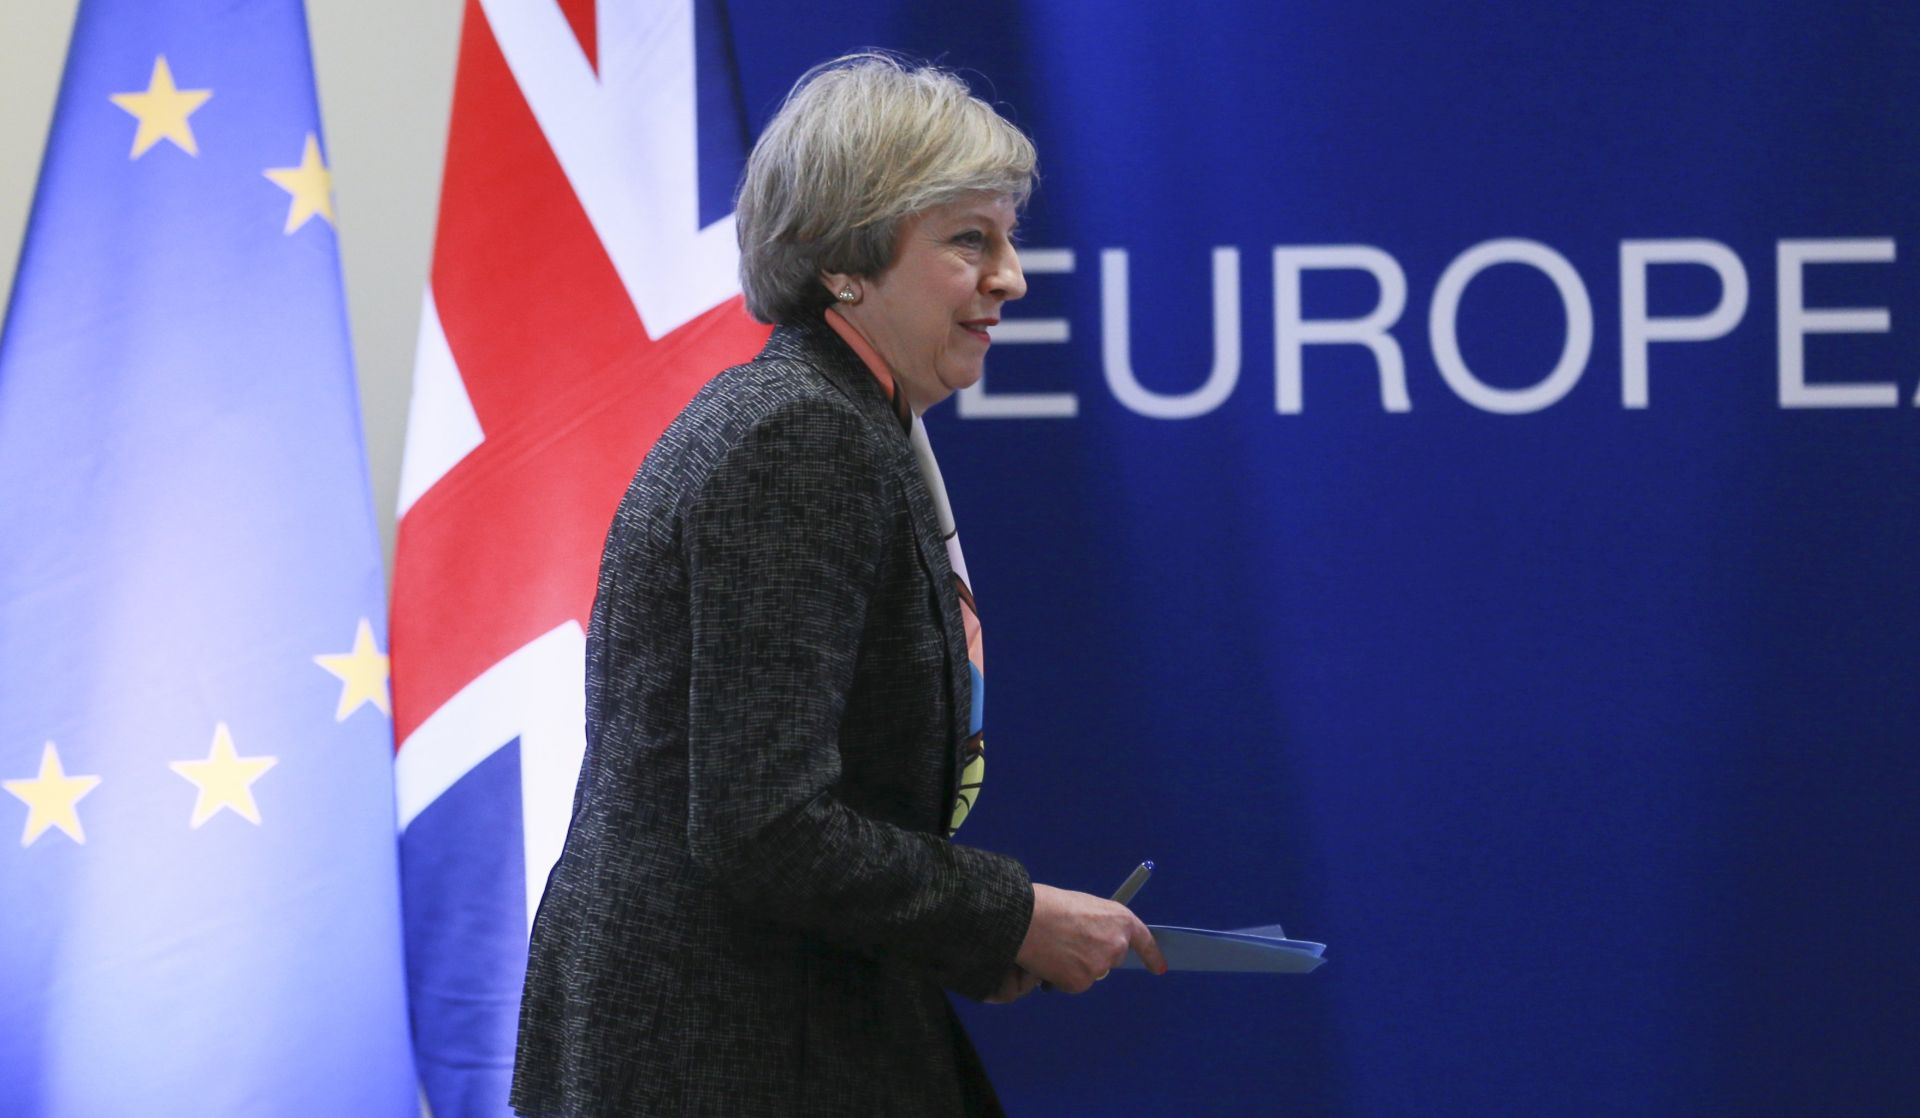 Ujedinjeno Kraljevstvo pokreće proceduru izlaska iz Europske unije